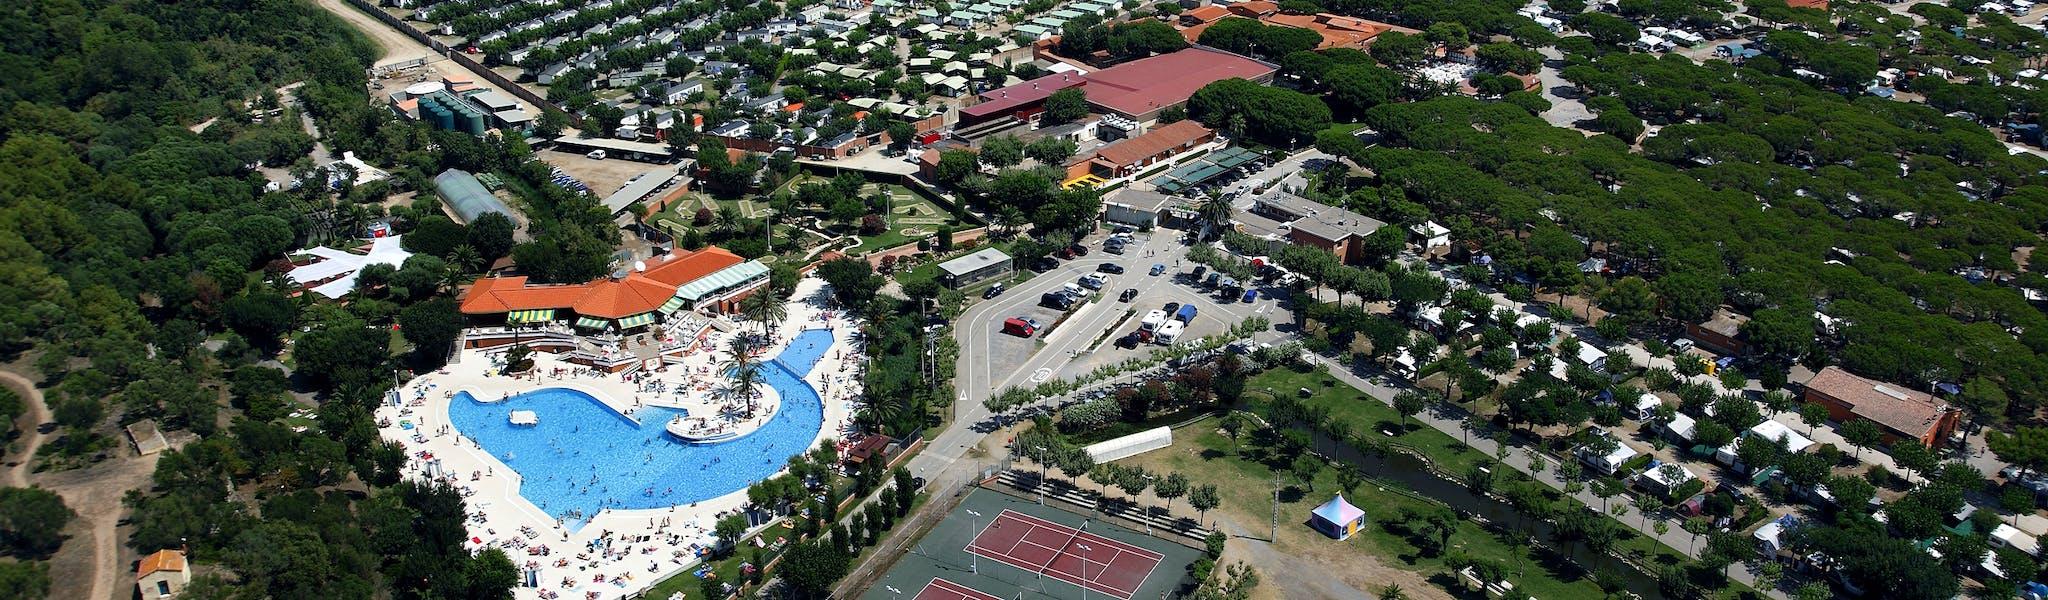 camping El Delfin Verde vanuit lucht